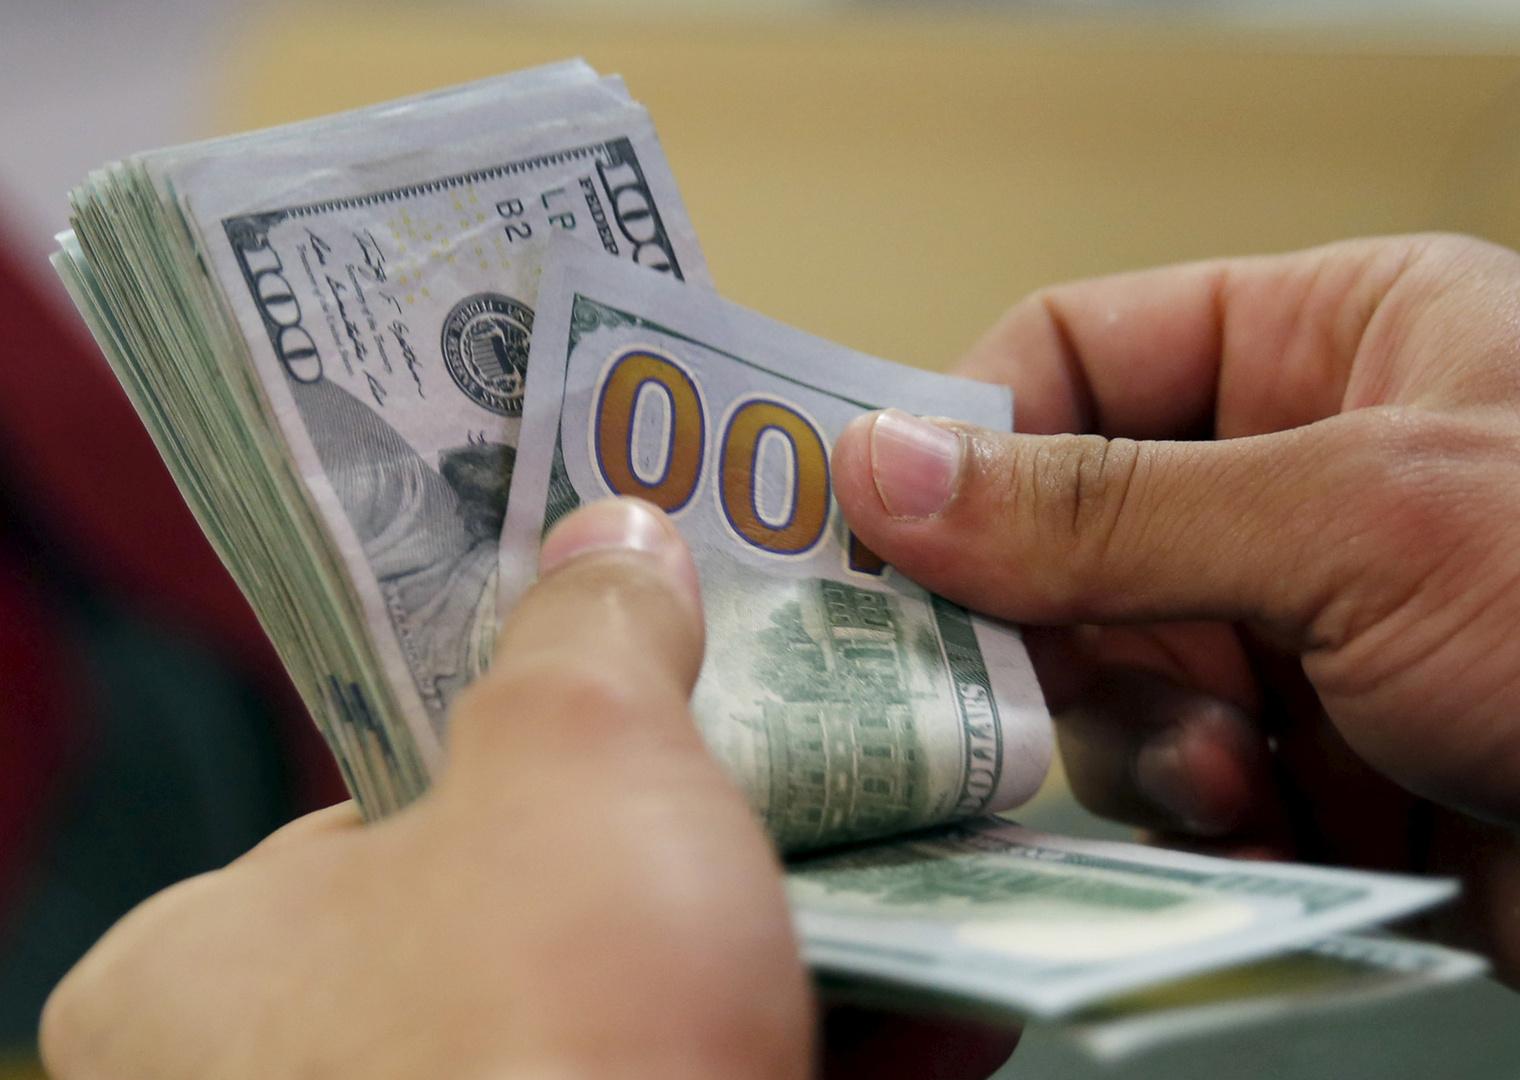 الجنيه المصري يرتفع بقوة أمام الدولار لأول مرة منذ 3 سنوات